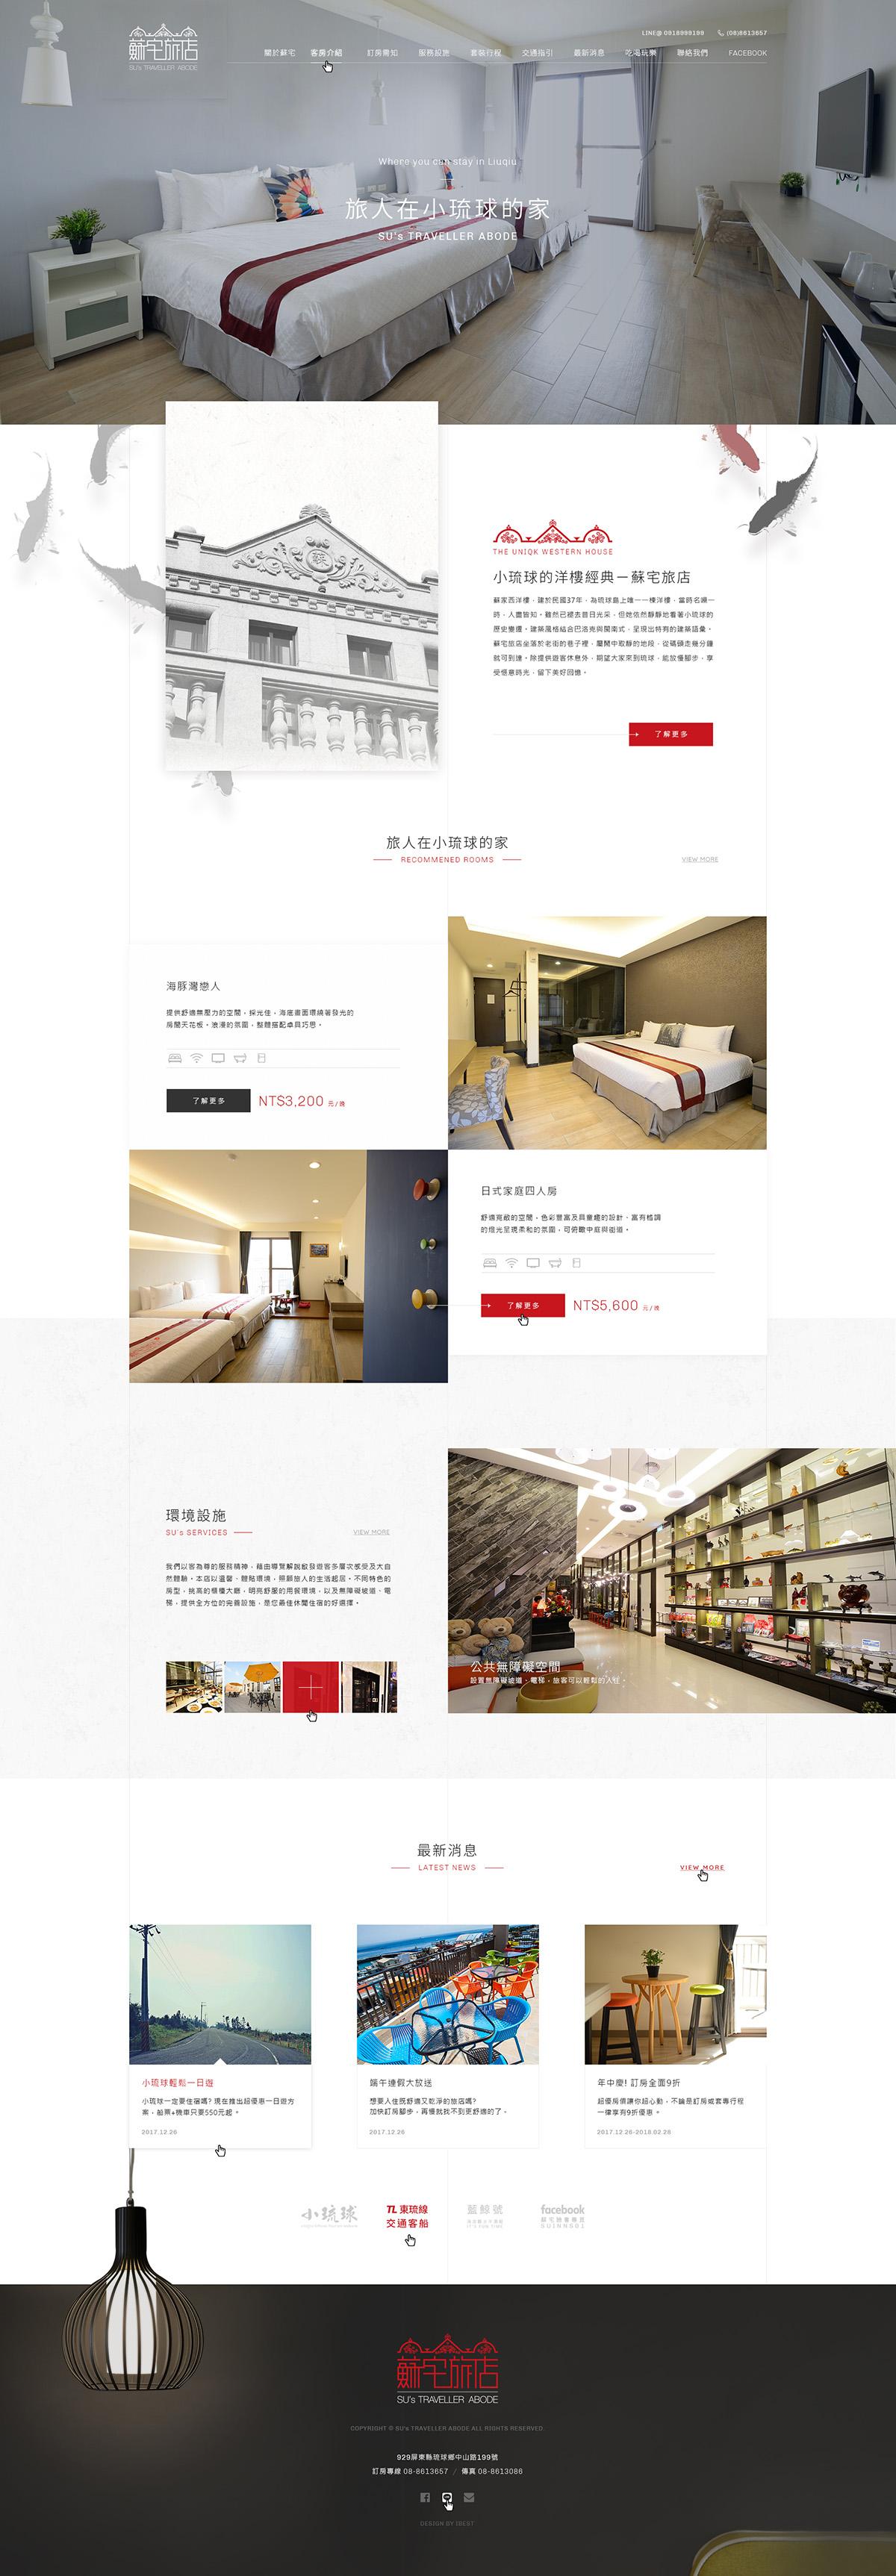 蘇宅旅店-網頁設計